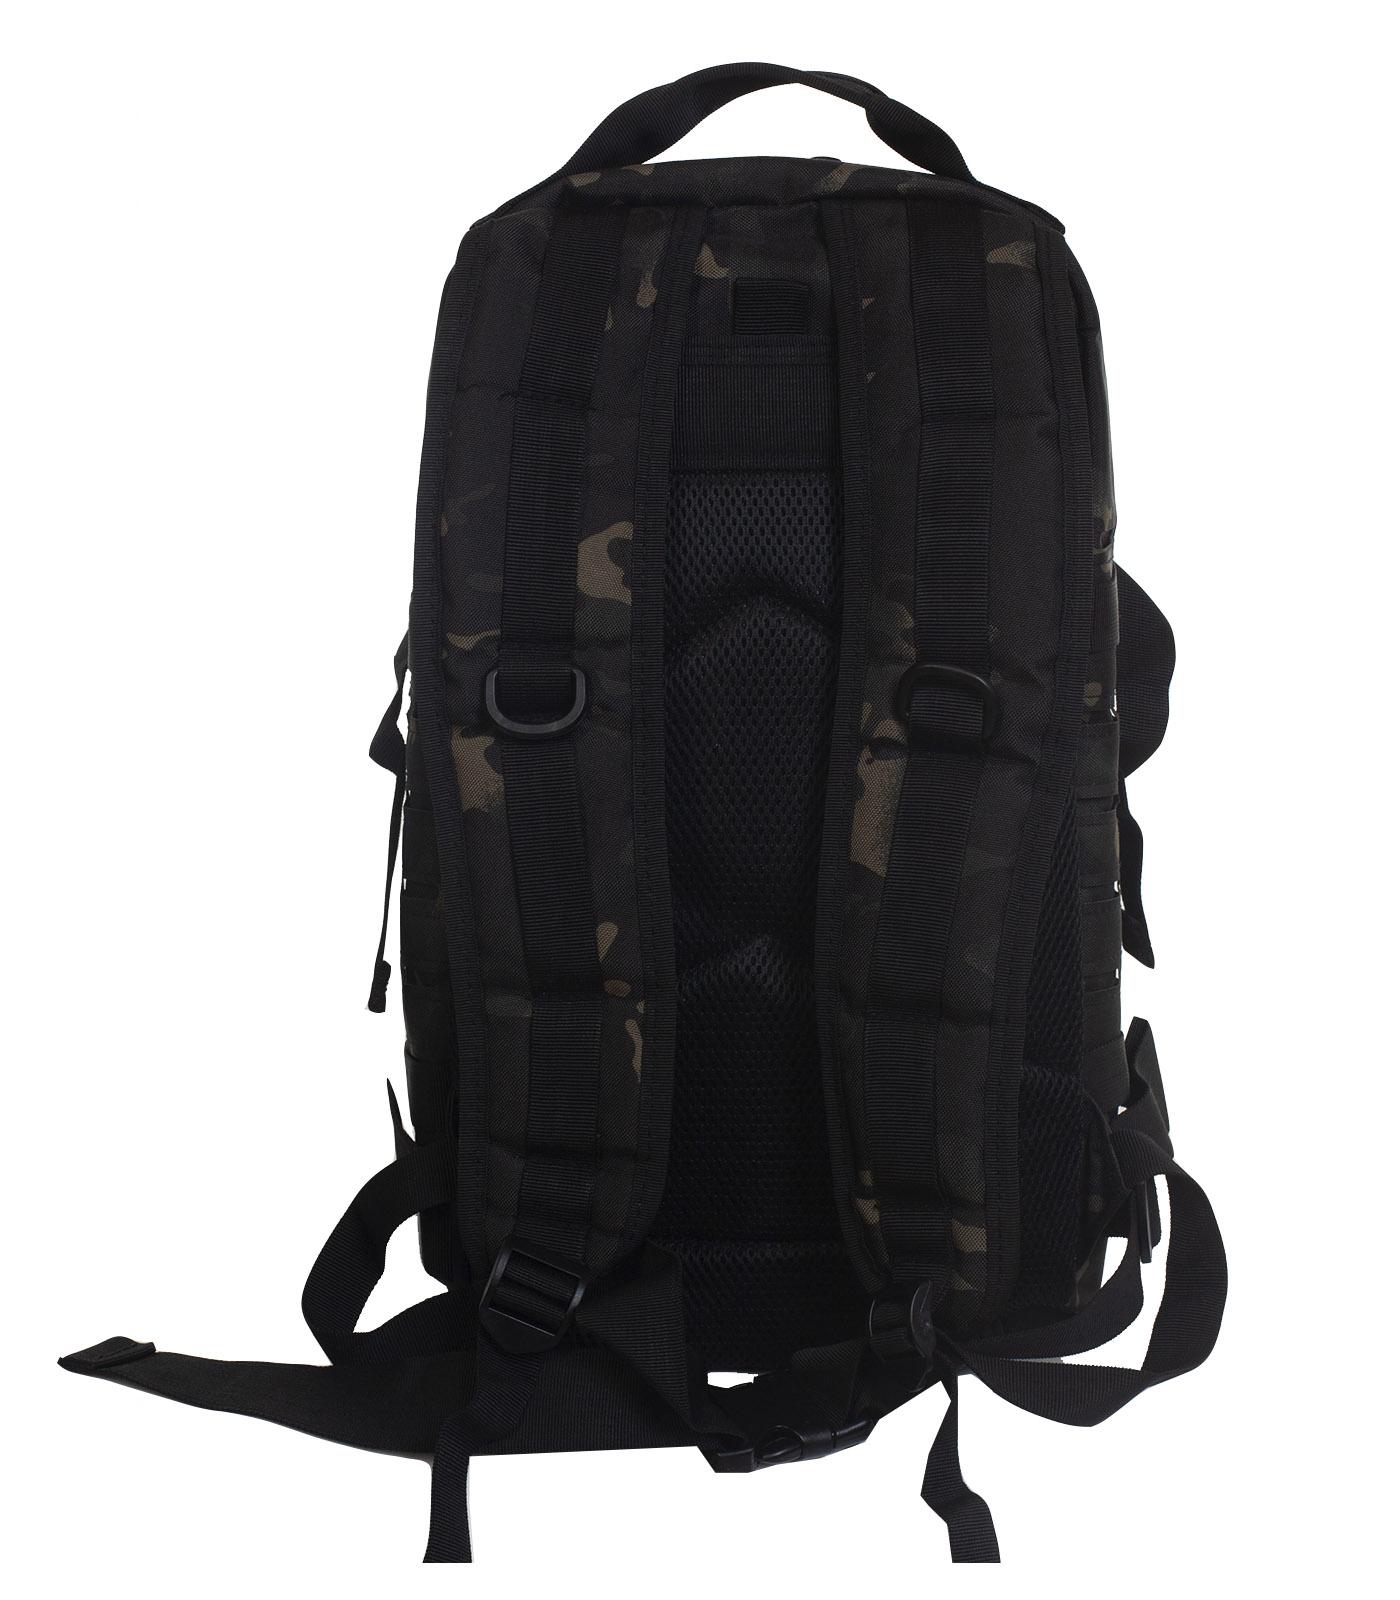 Лучший тактический рюкзак камуфляжа Black Multicam недорого